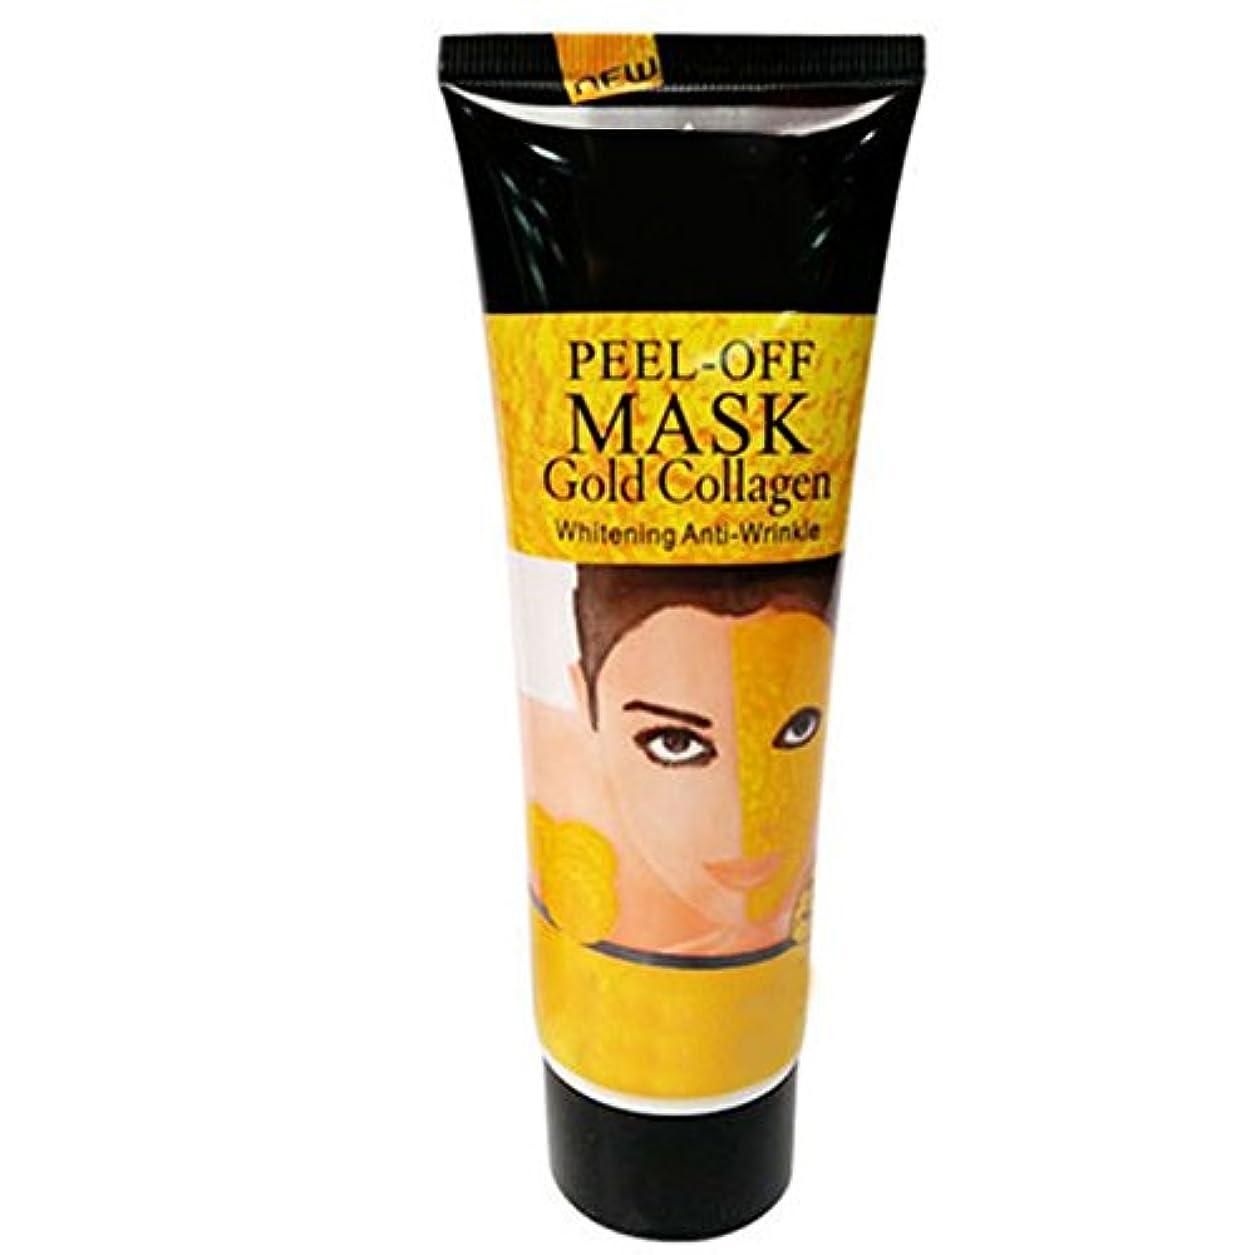 長々と再開着飾るFunwill 24Kゴールドマスク ゴールドコラーゲンパック アンチエイジングパック スキンケアマスク しわ、黒ずみ、しみなどを除き たるみ肌改善 くすみ改善 しっかりしている肌に戻る